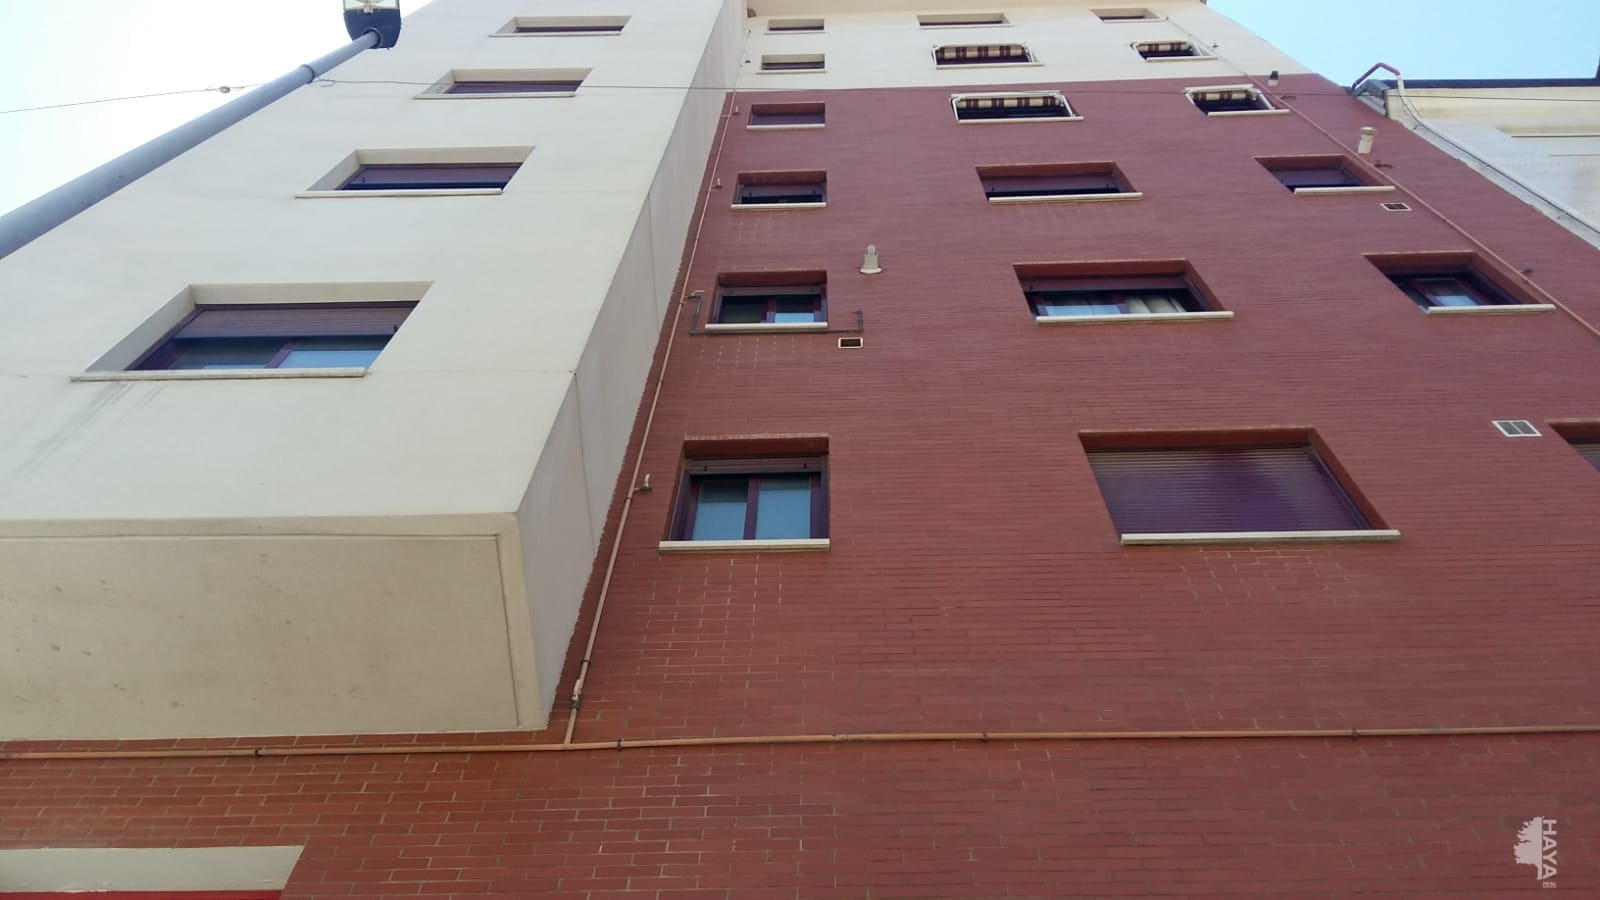 Piso en venta en Vinaròs, Castellón, Calle San Joaquin, 87.839 €, 2 habitaciones, 2 baños, 94 m2